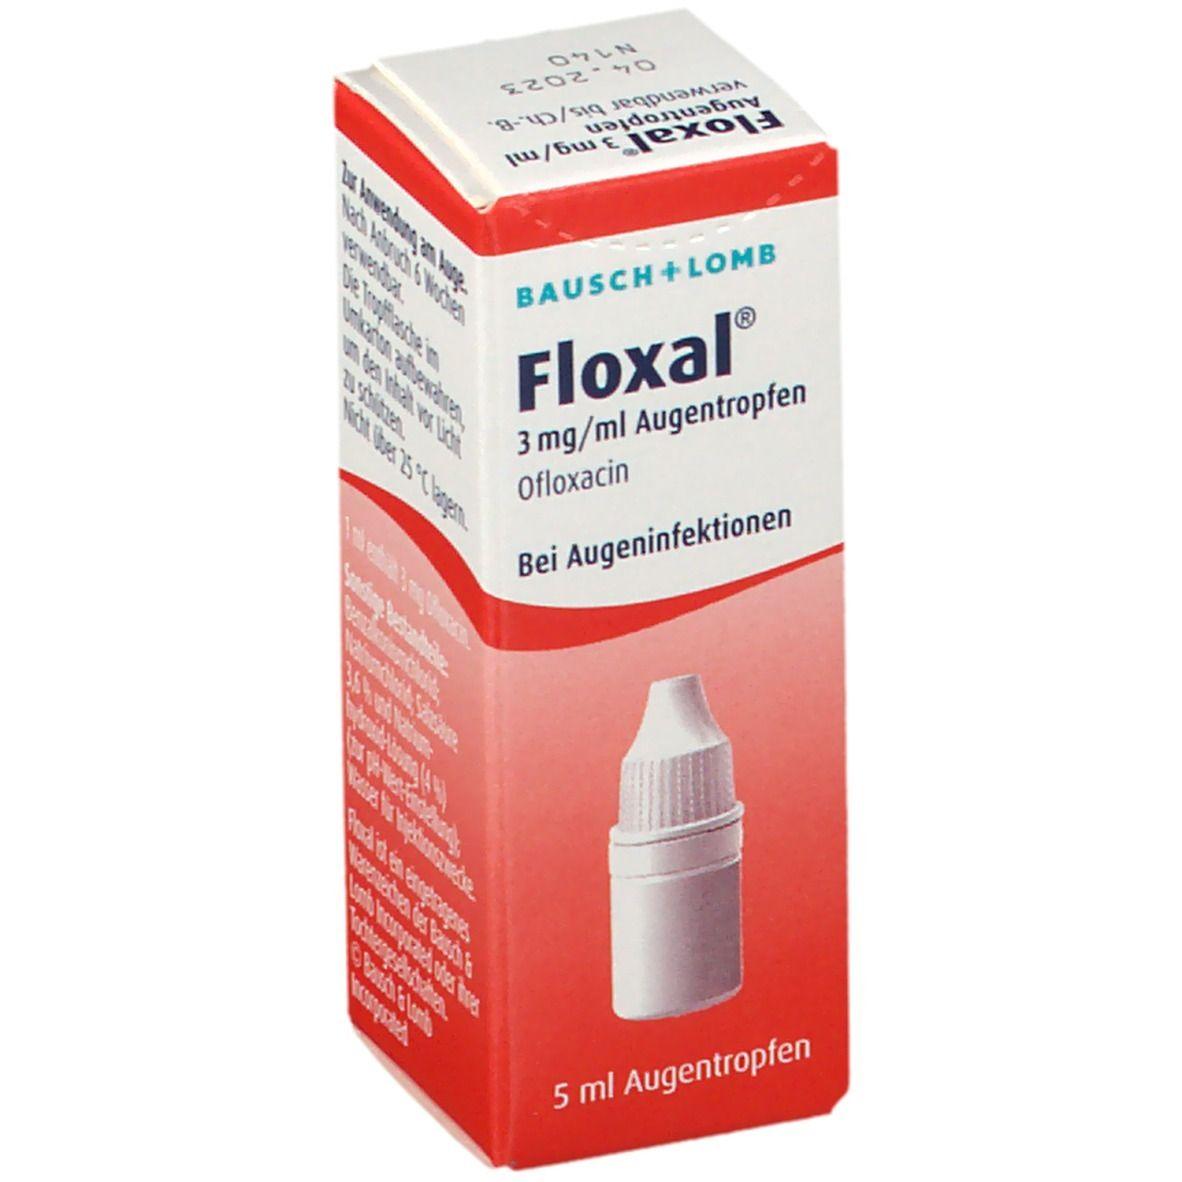 Floxal® Augentropfen 5 ml - shop-apotheke.com